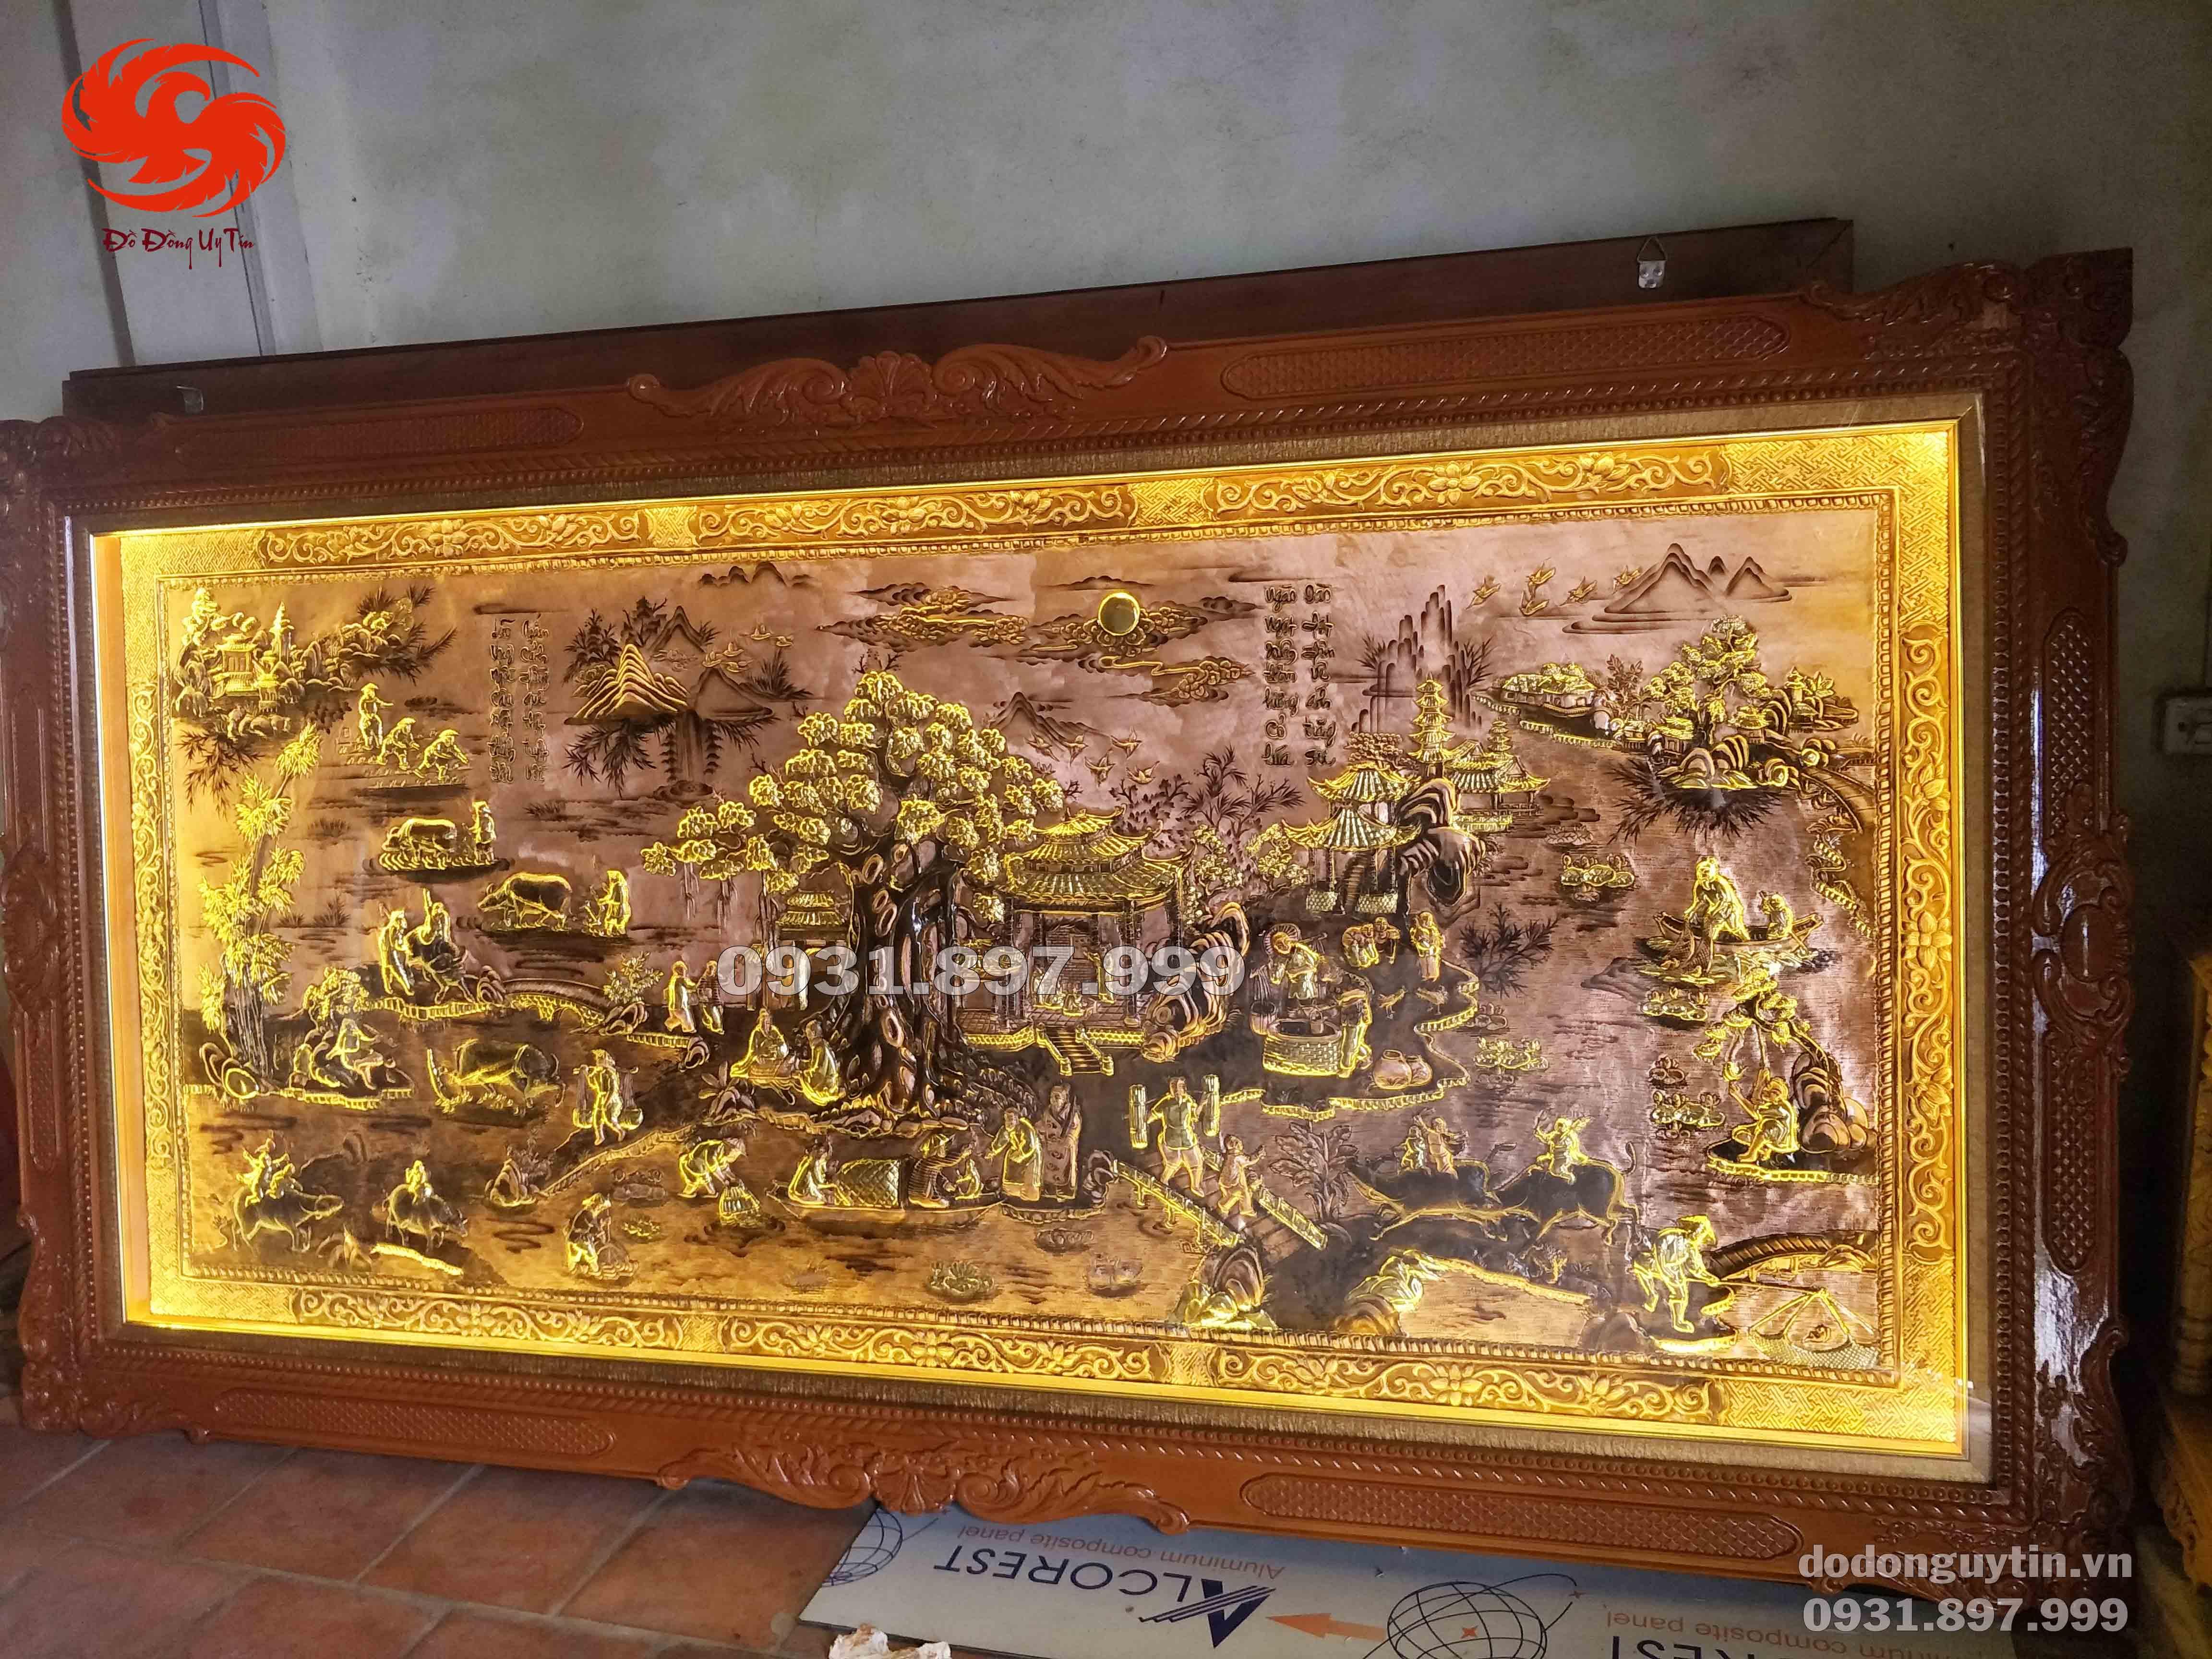 Bức tranh đồng quê hương Việt Nam